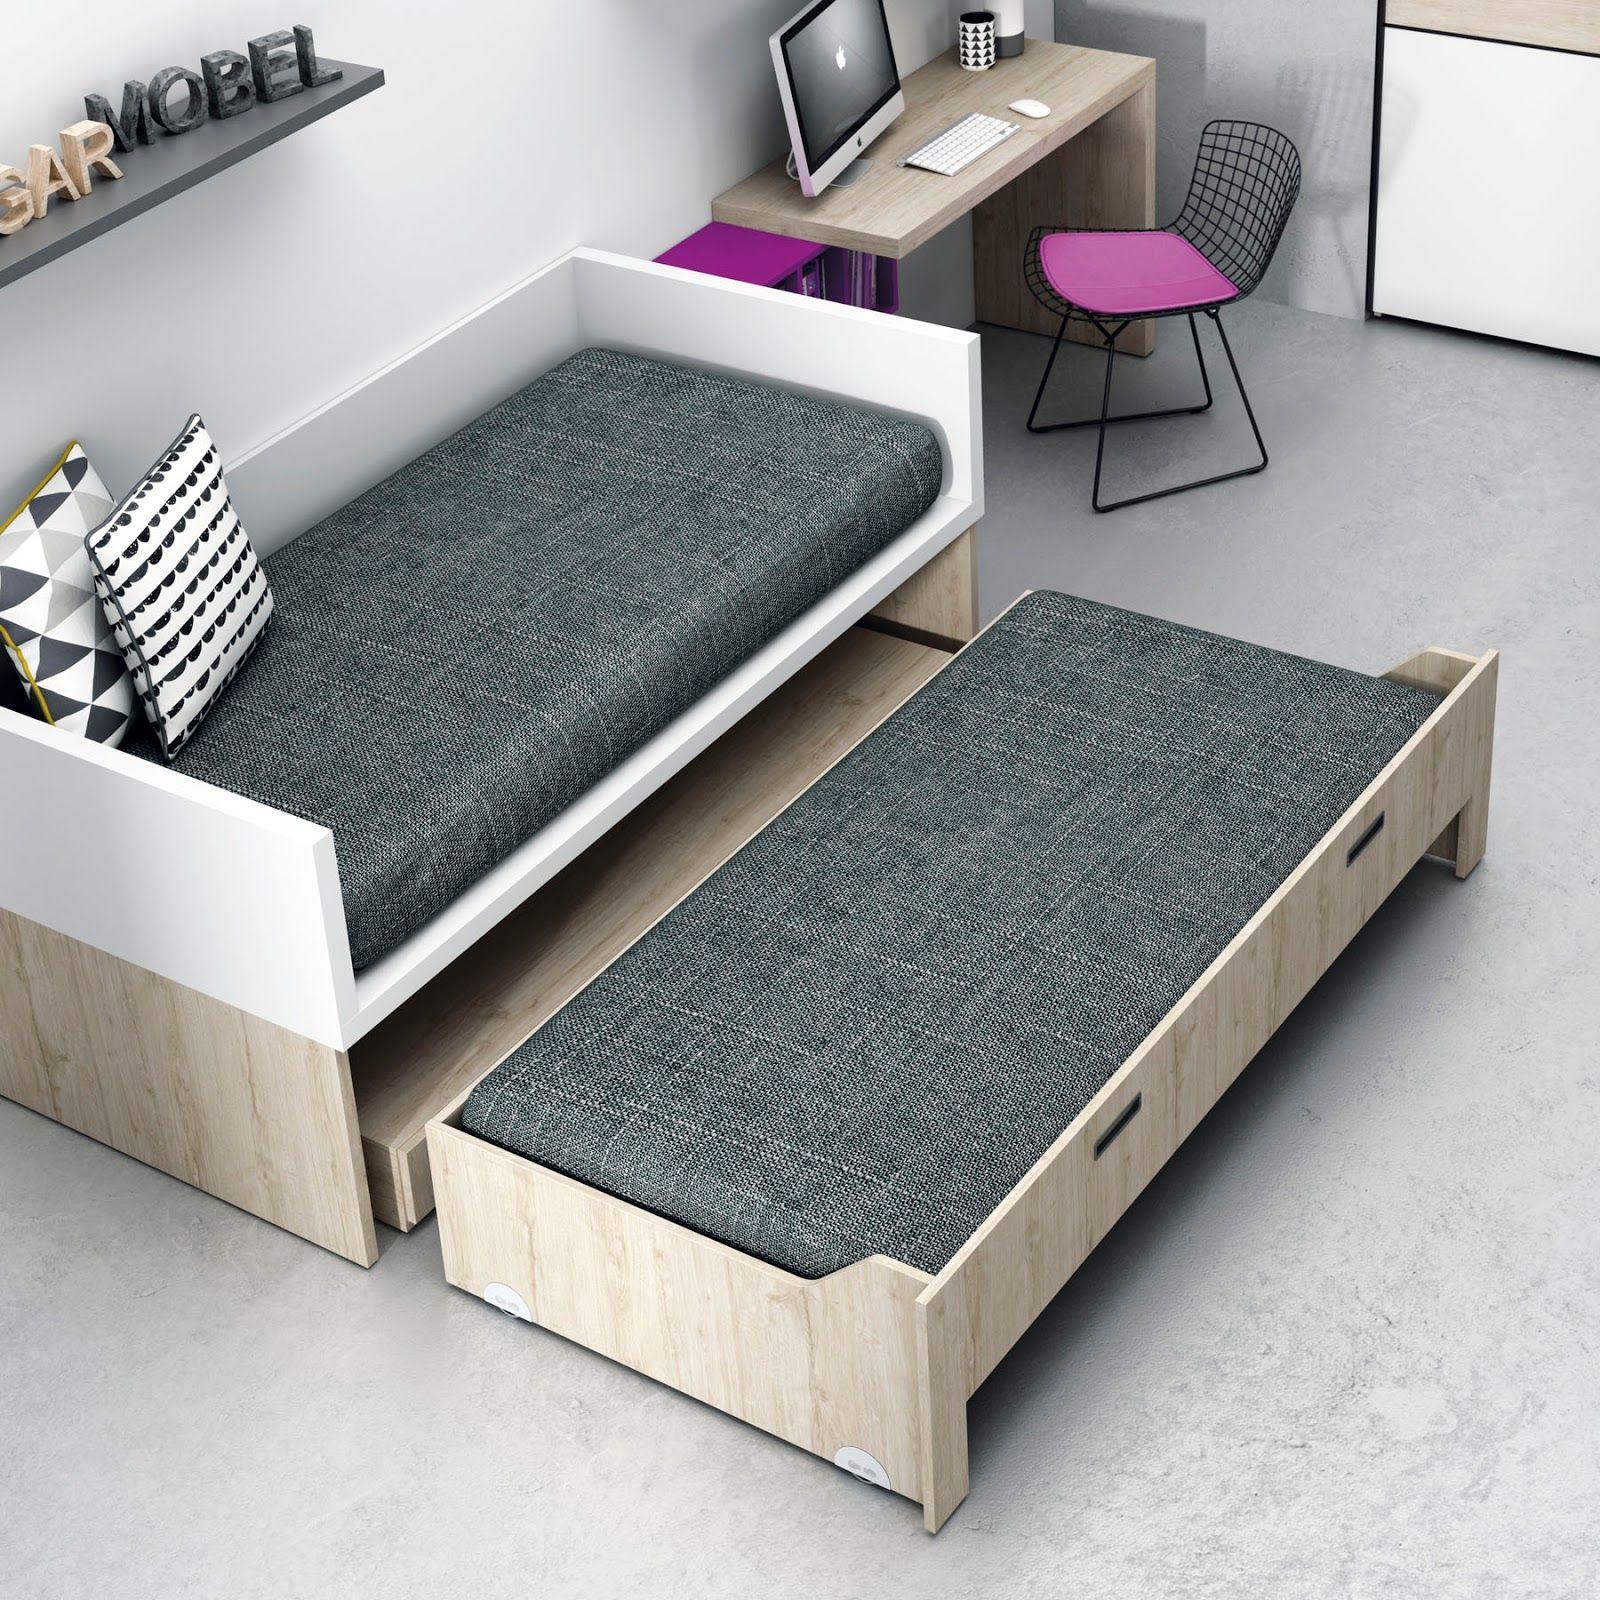 Dormitorios Juveniles Habitaciones Infantiles Y Mueble Juvenil  # Muebles Camas King Size